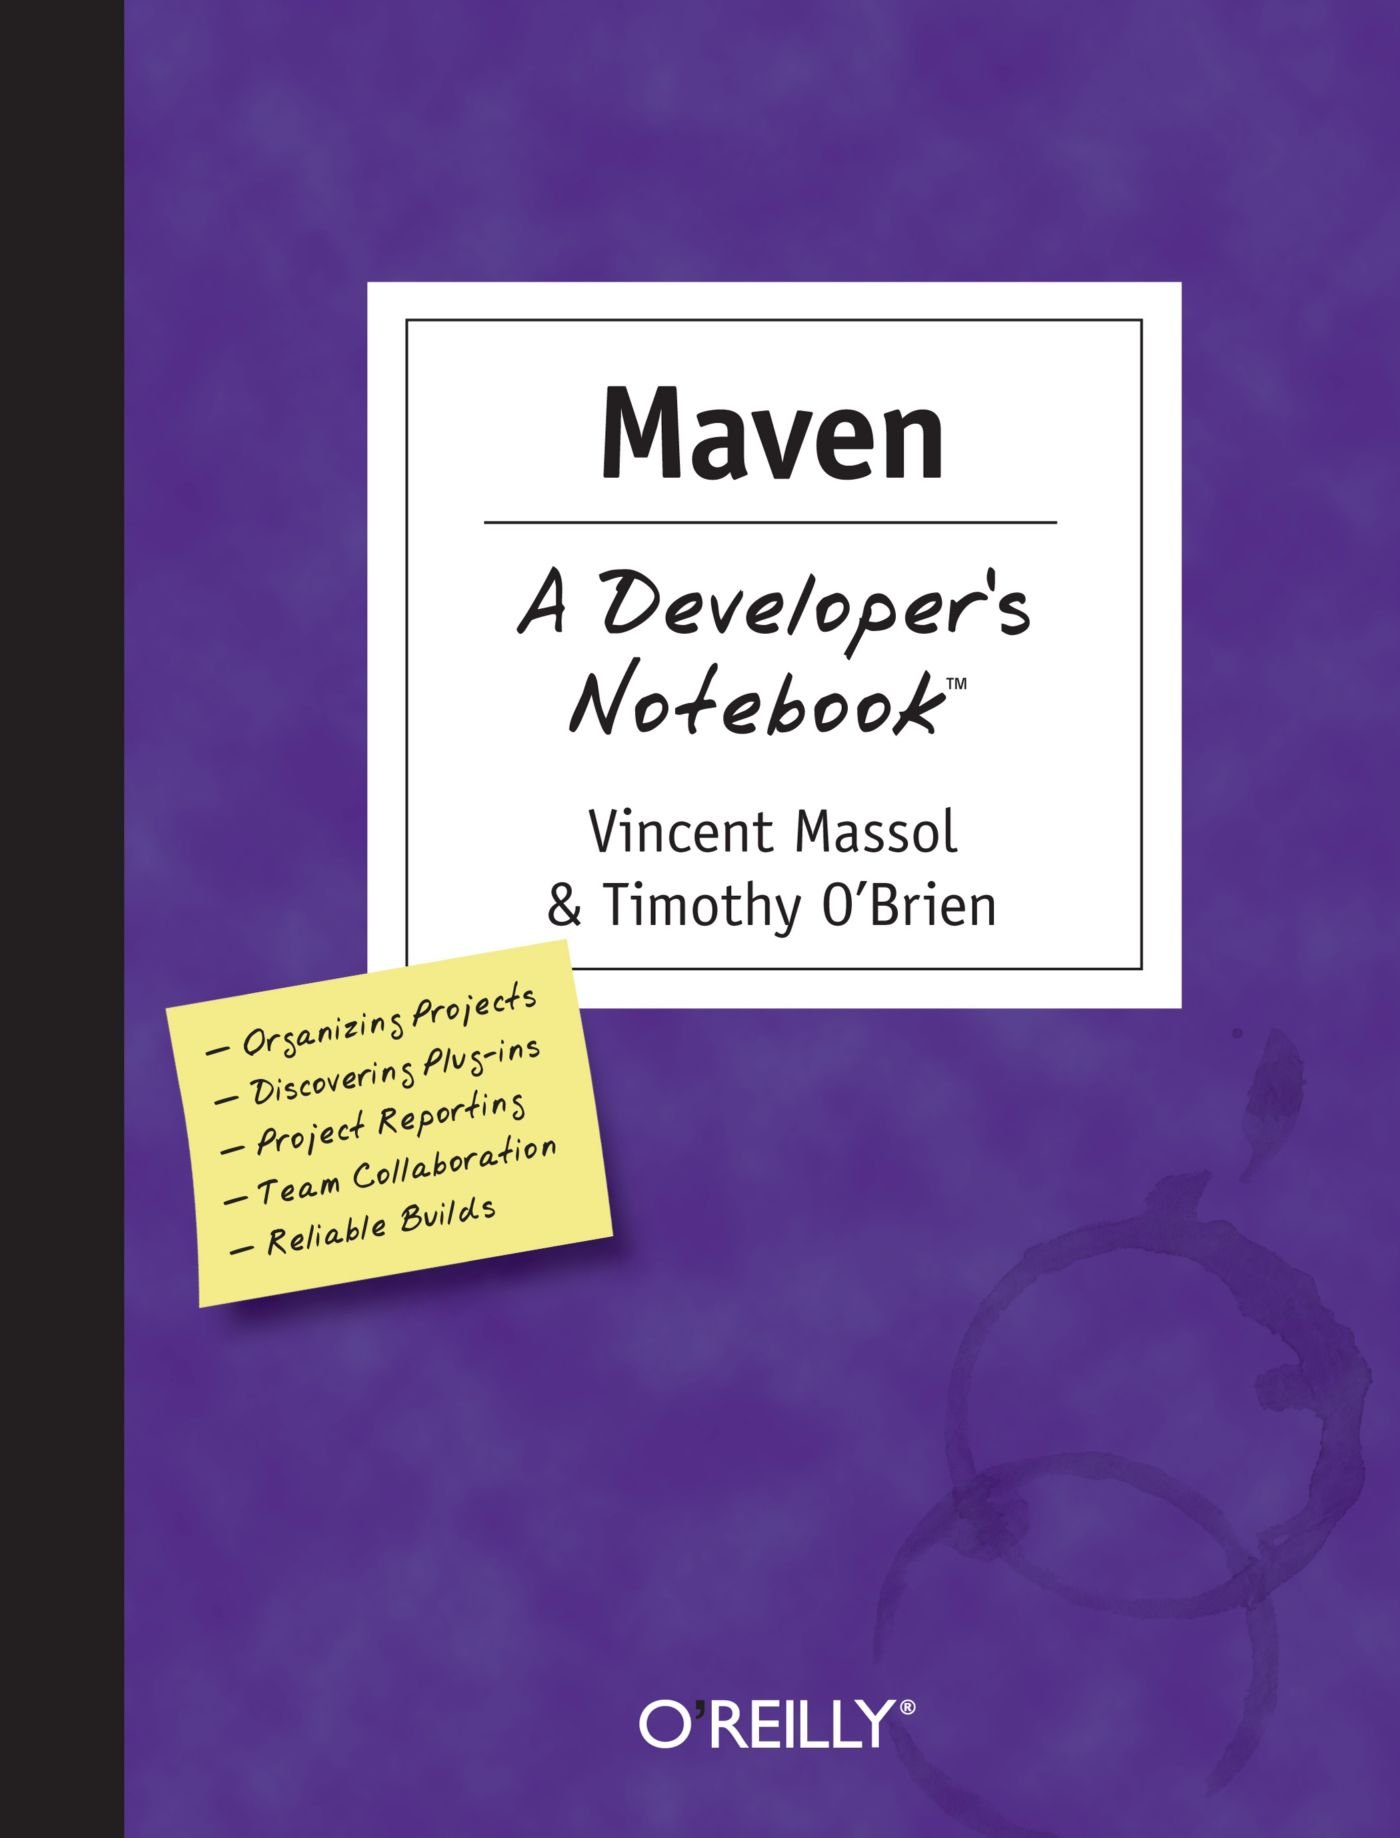 Maven: A Developer's Notebook